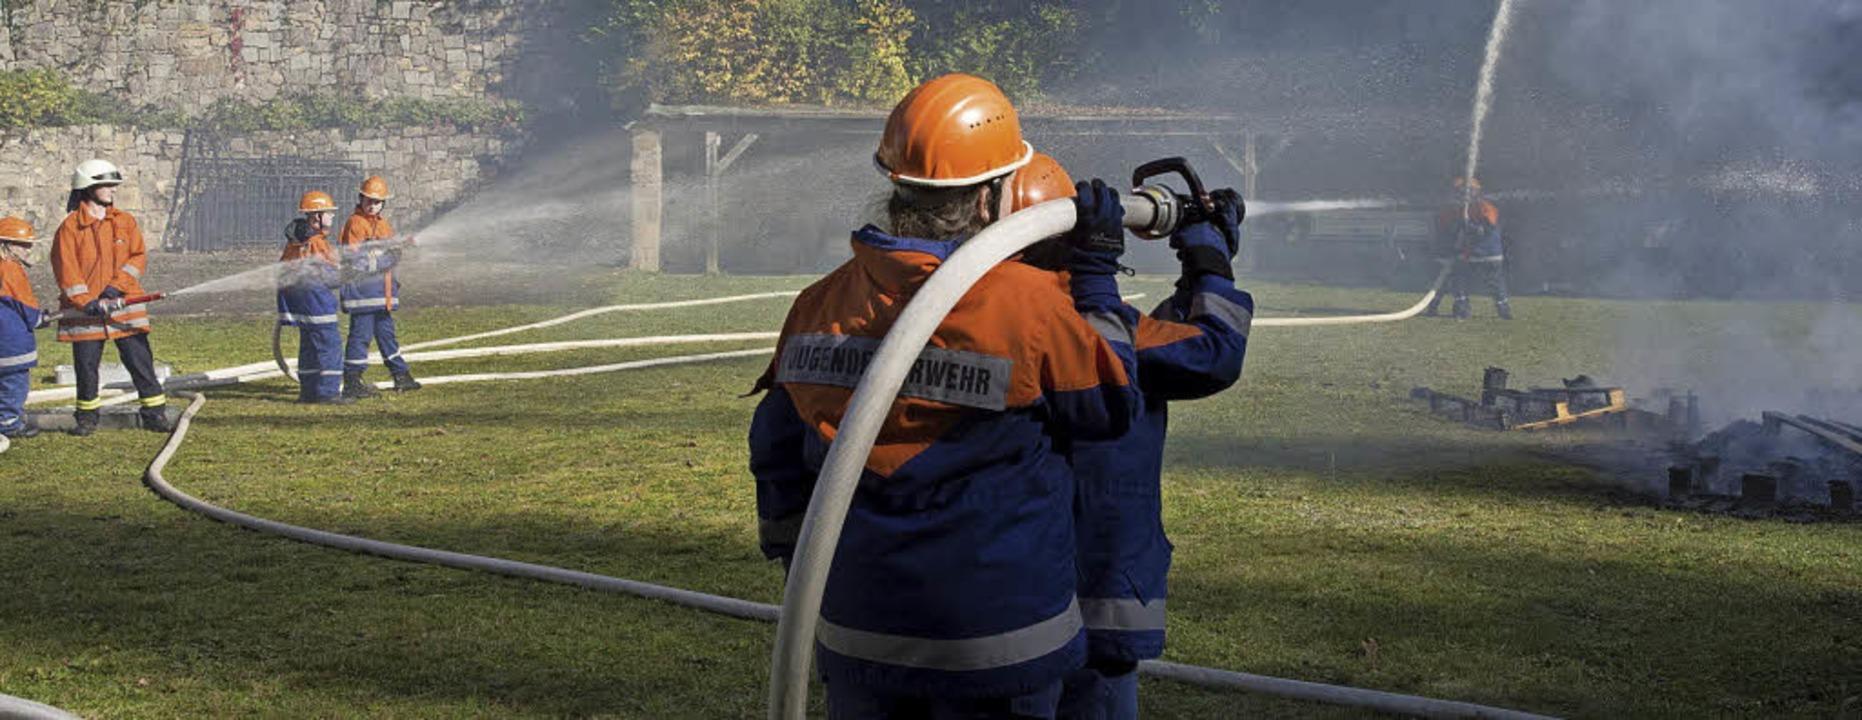 Krönung des 24-Stunden-Einsatzdienstes... Badenweiler war die Brandbekämpfung.   | Foto: mps